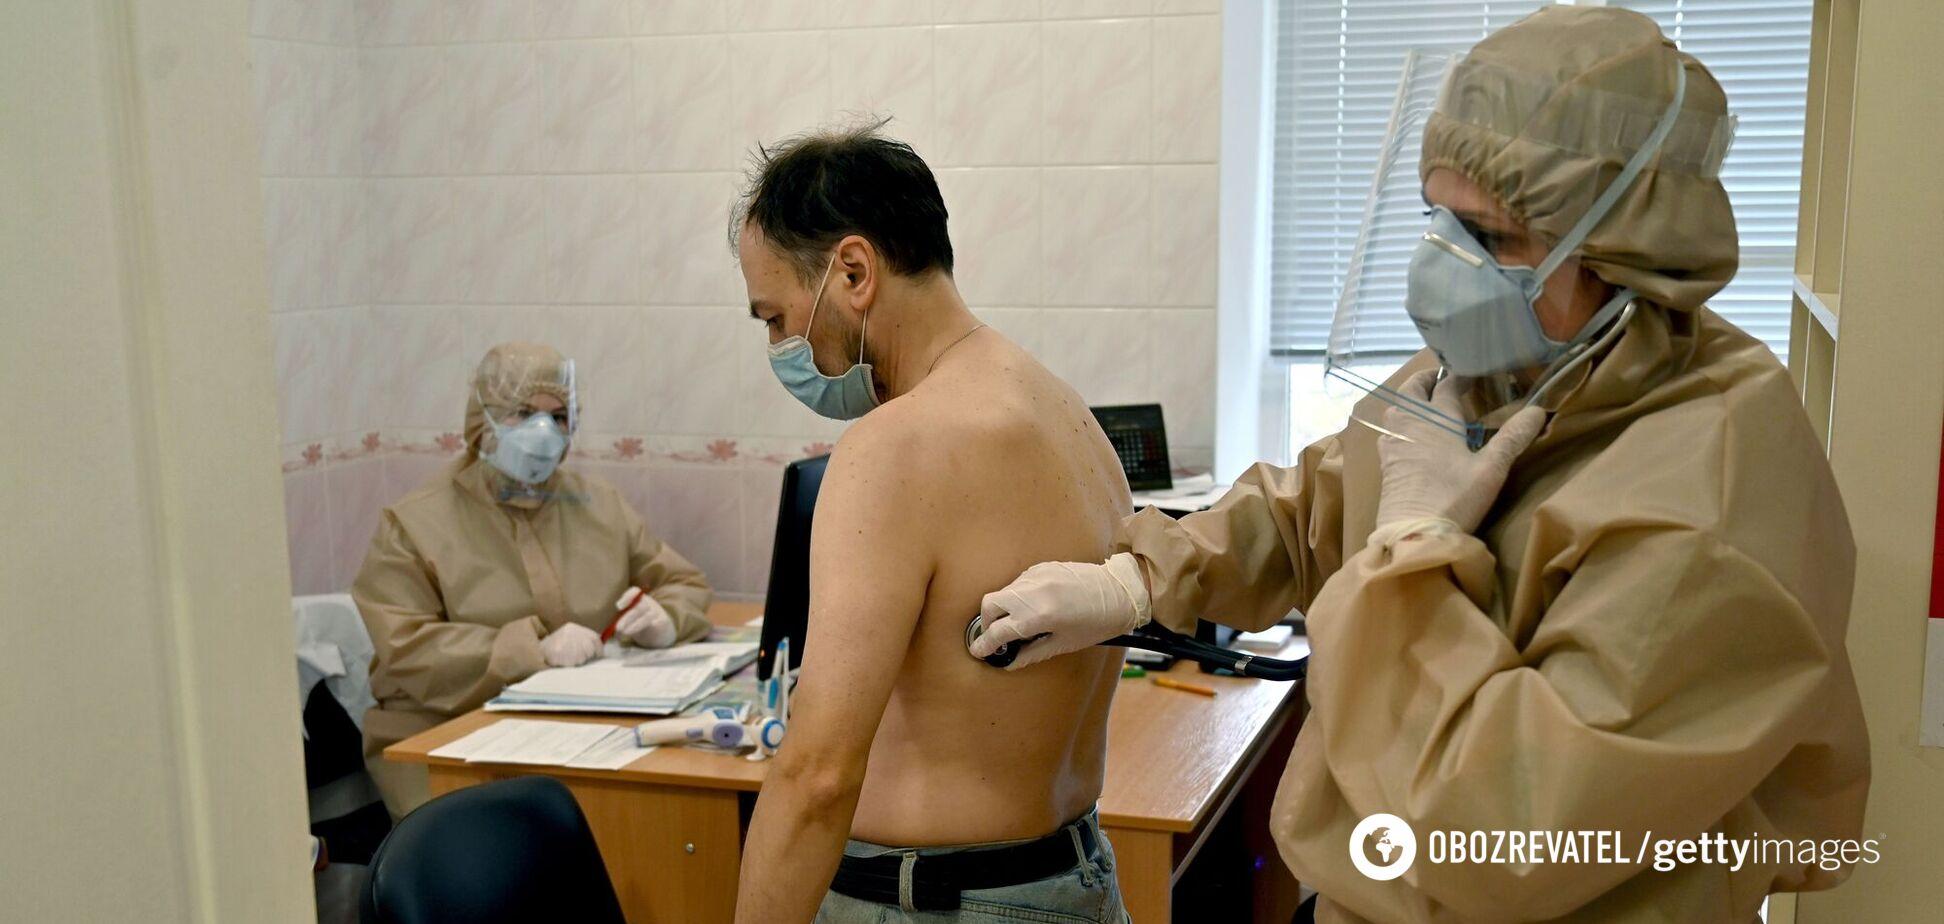 Хроника коронавируса в мире на 27 февраля: Украина вошла в десятку стран по числу заражений в Европе